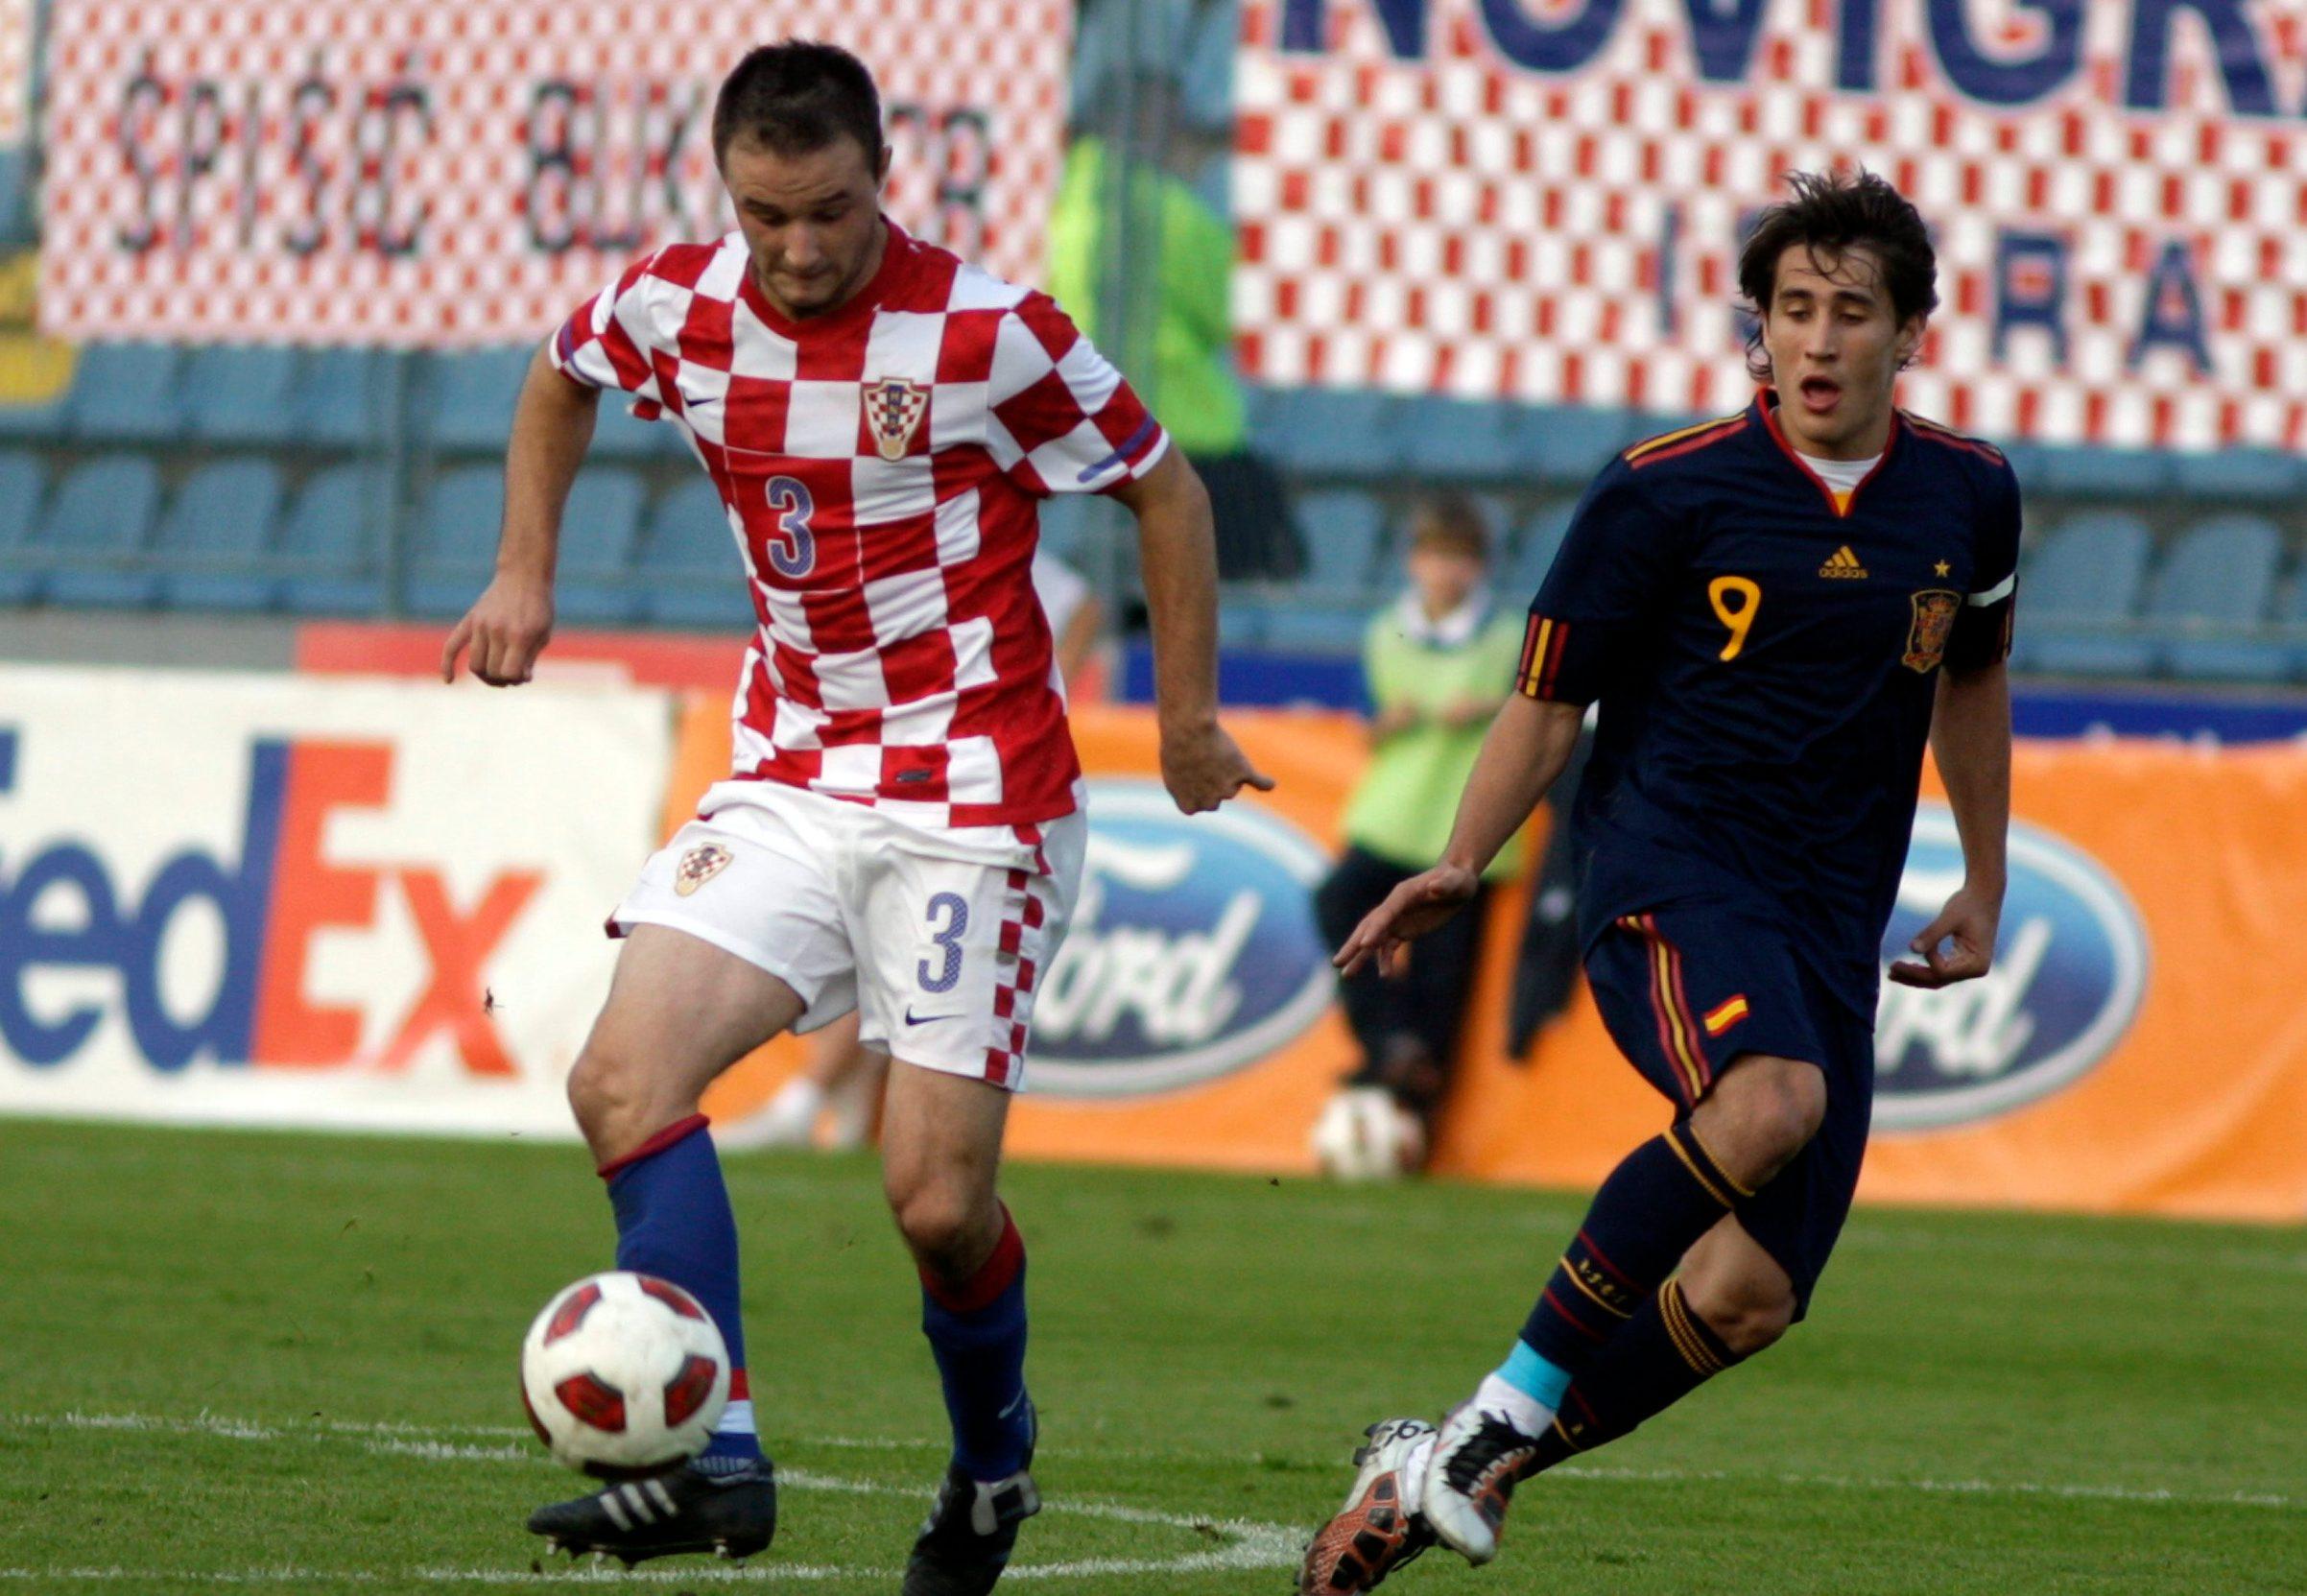 Godian je 2010., utakmica je kvalifikacijska za Euro U21, Hrvatska protiv Španjolske u Varaždinu. Lijevo je današnji igrač Varaždina Goran Jozinović, desno Bojan Krkić